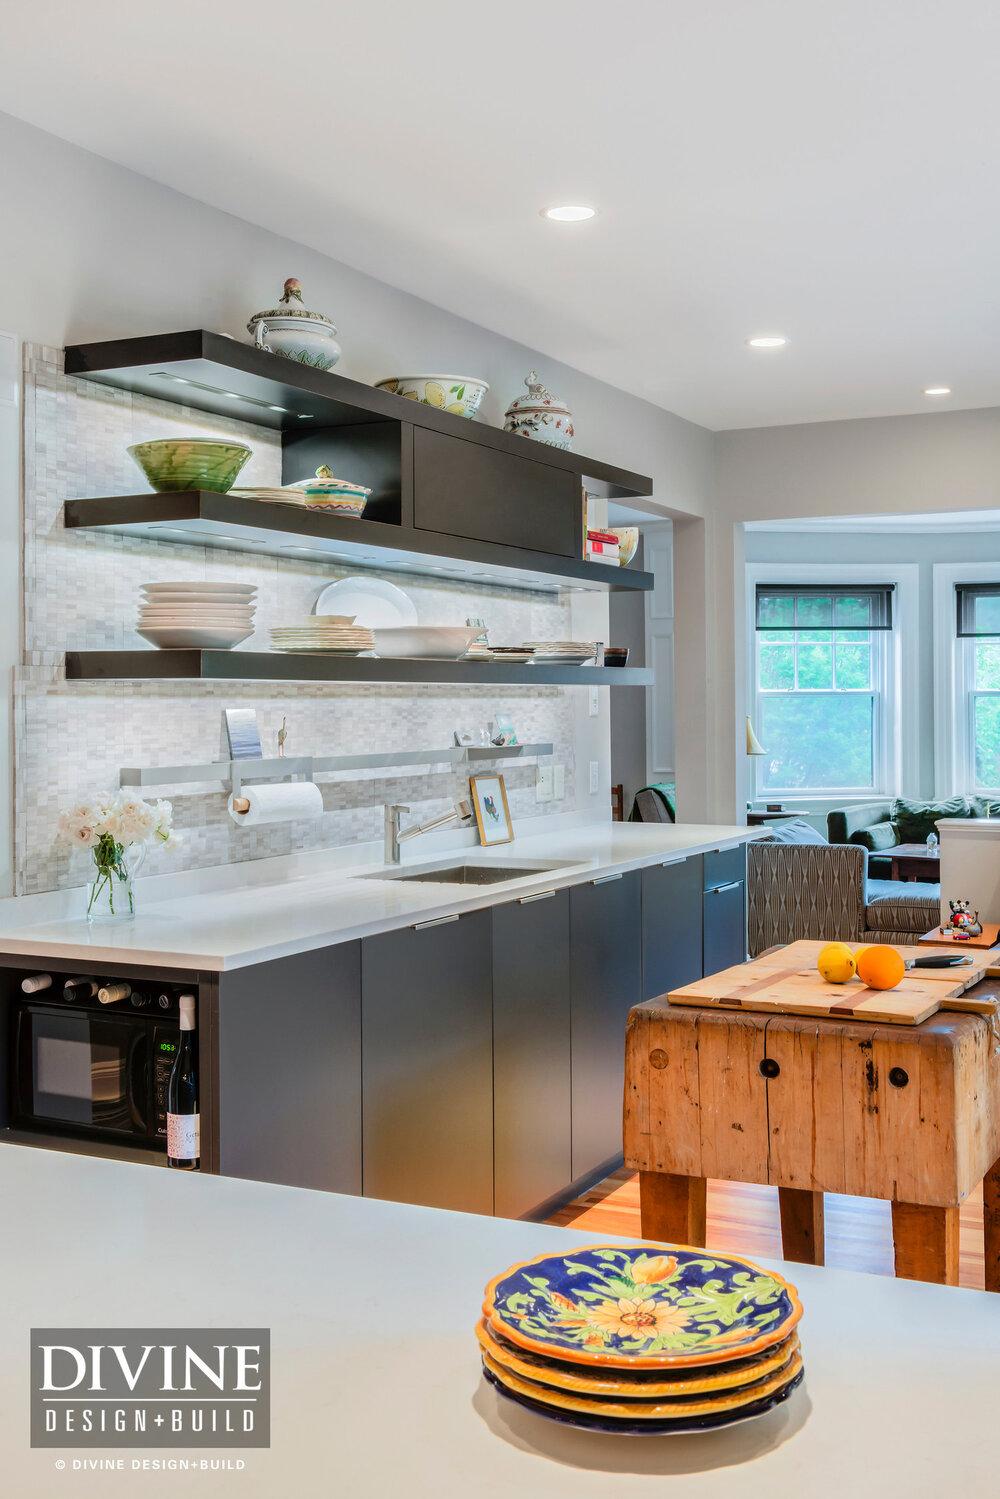 Boston Winchester Modern Transitional Eclectic Leicht Kitchen Divine Design Center